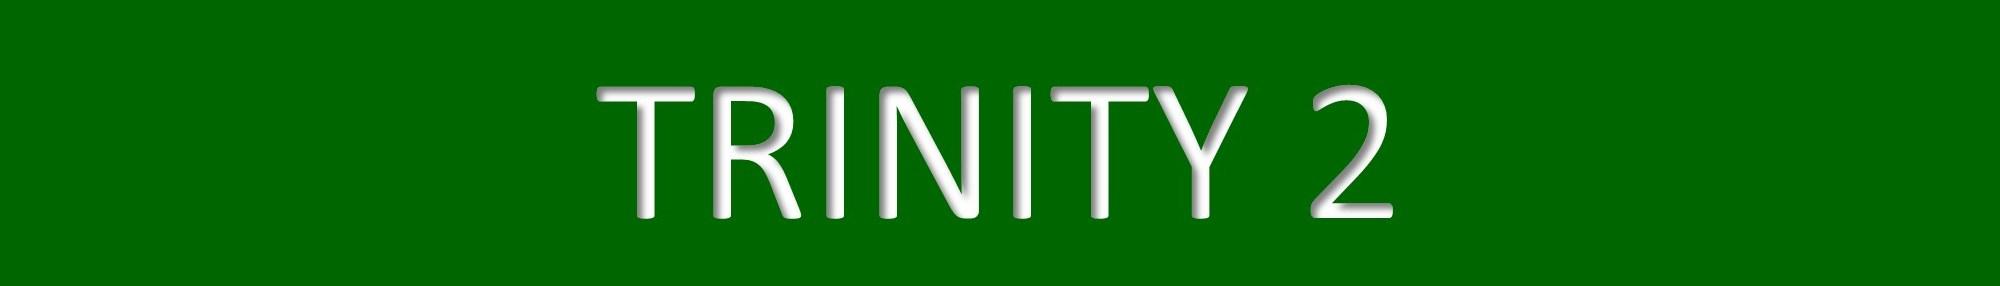 Trinity 2 header